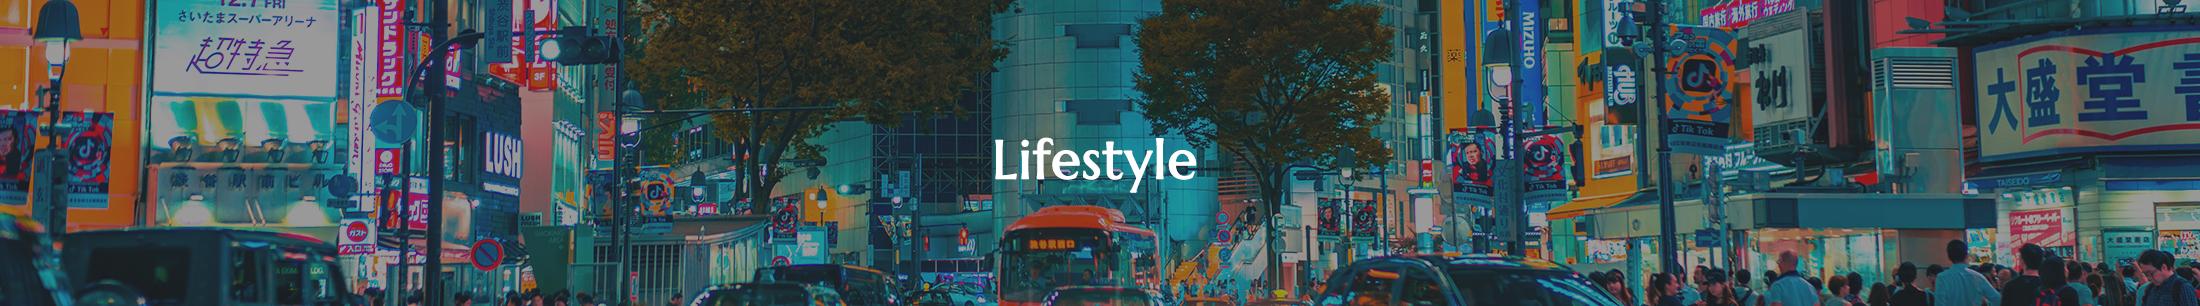 Seikatsu lifestyle